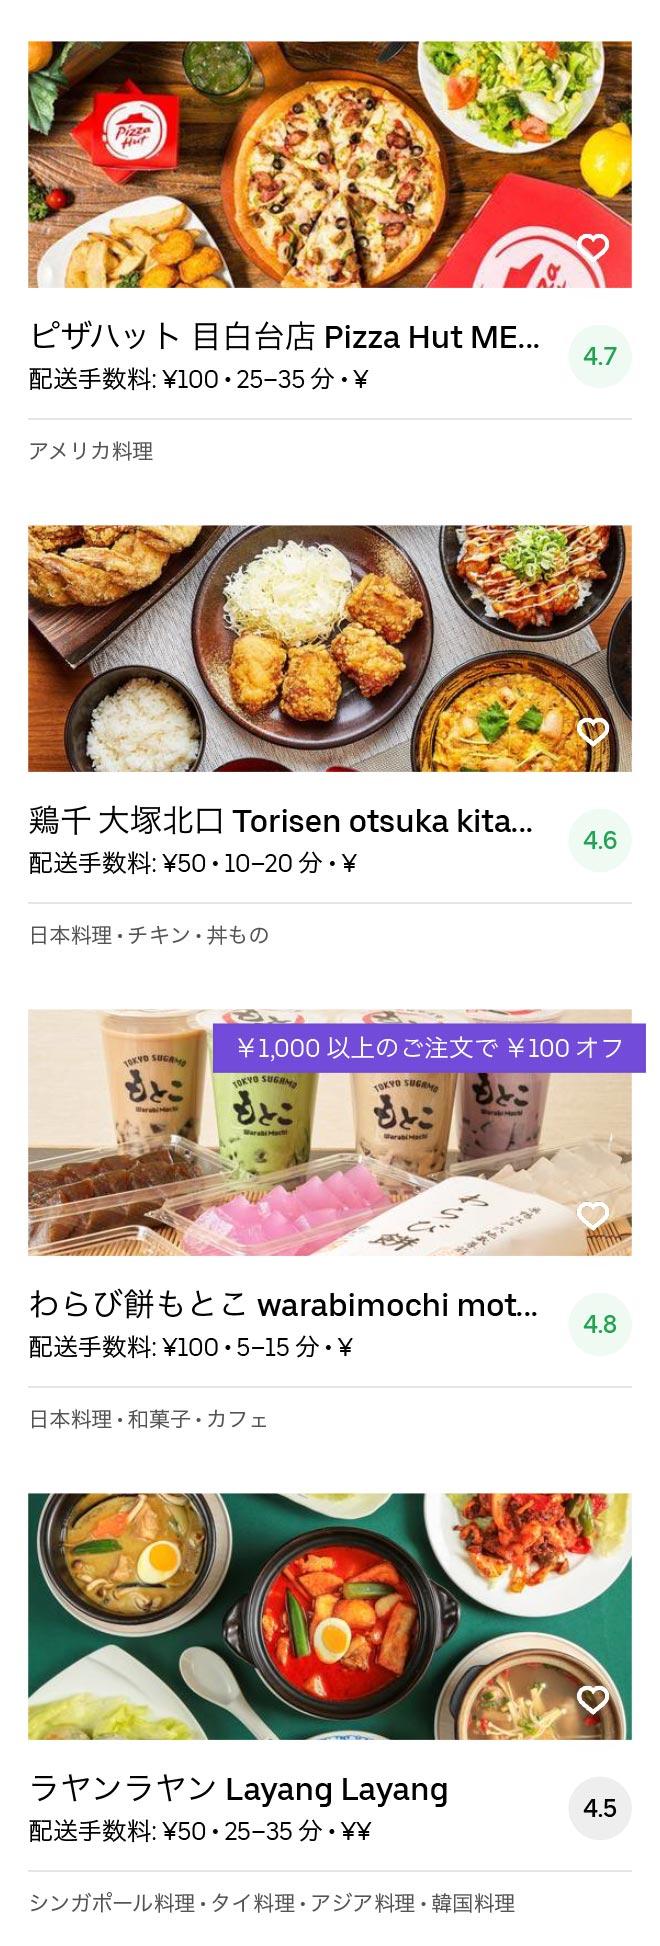 Tokyo otsuka menu 2005 06